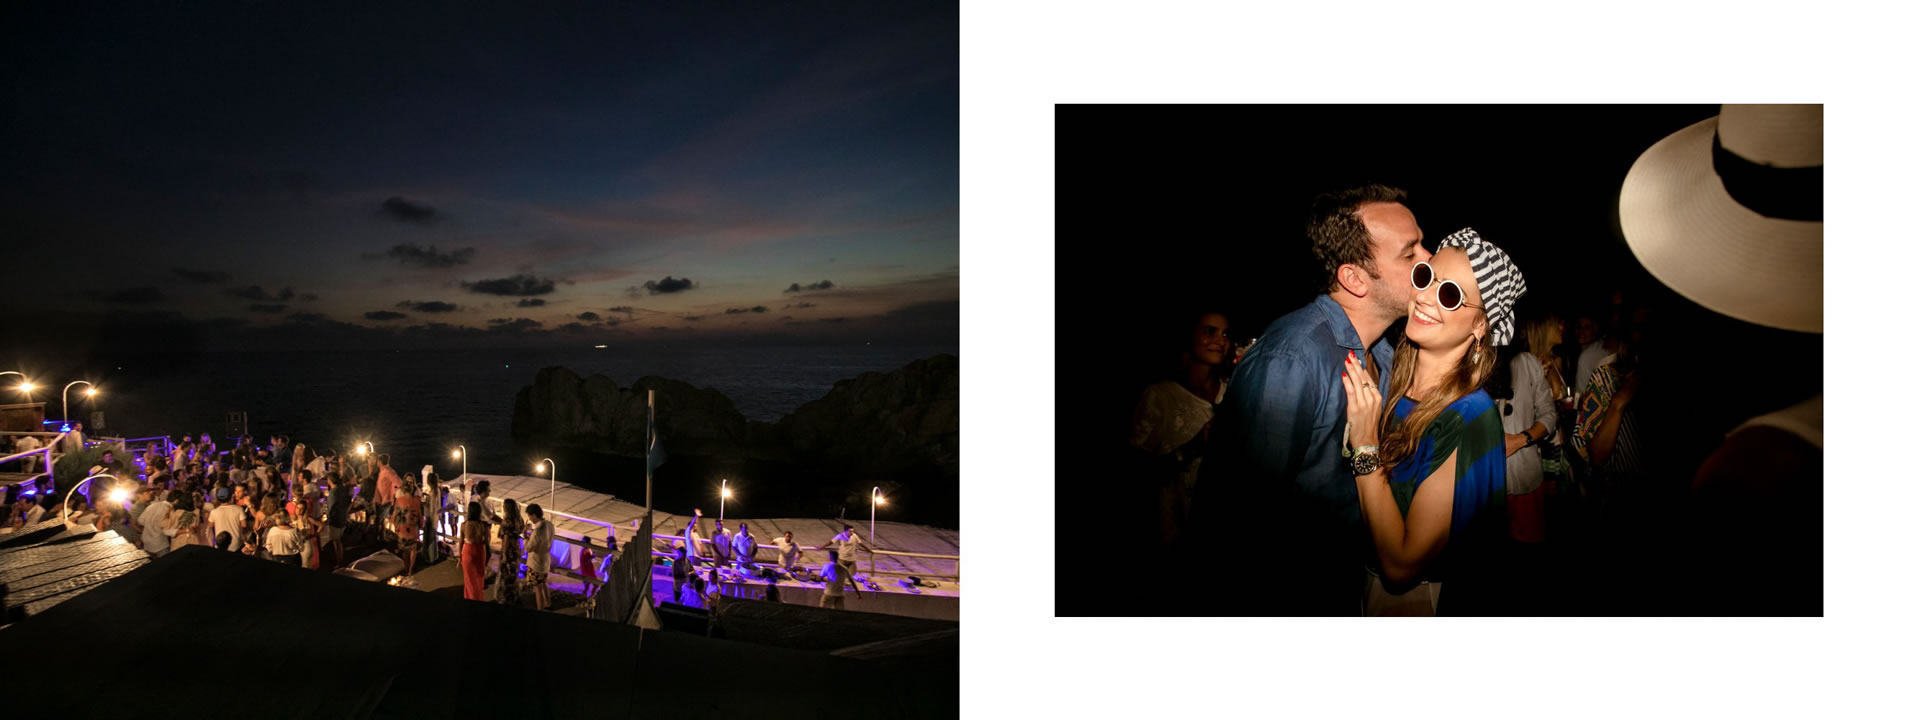 - 21 :: Jewish luxury wedding weekend in Capri :: Luxury wedding photography - 20 ::  - 21